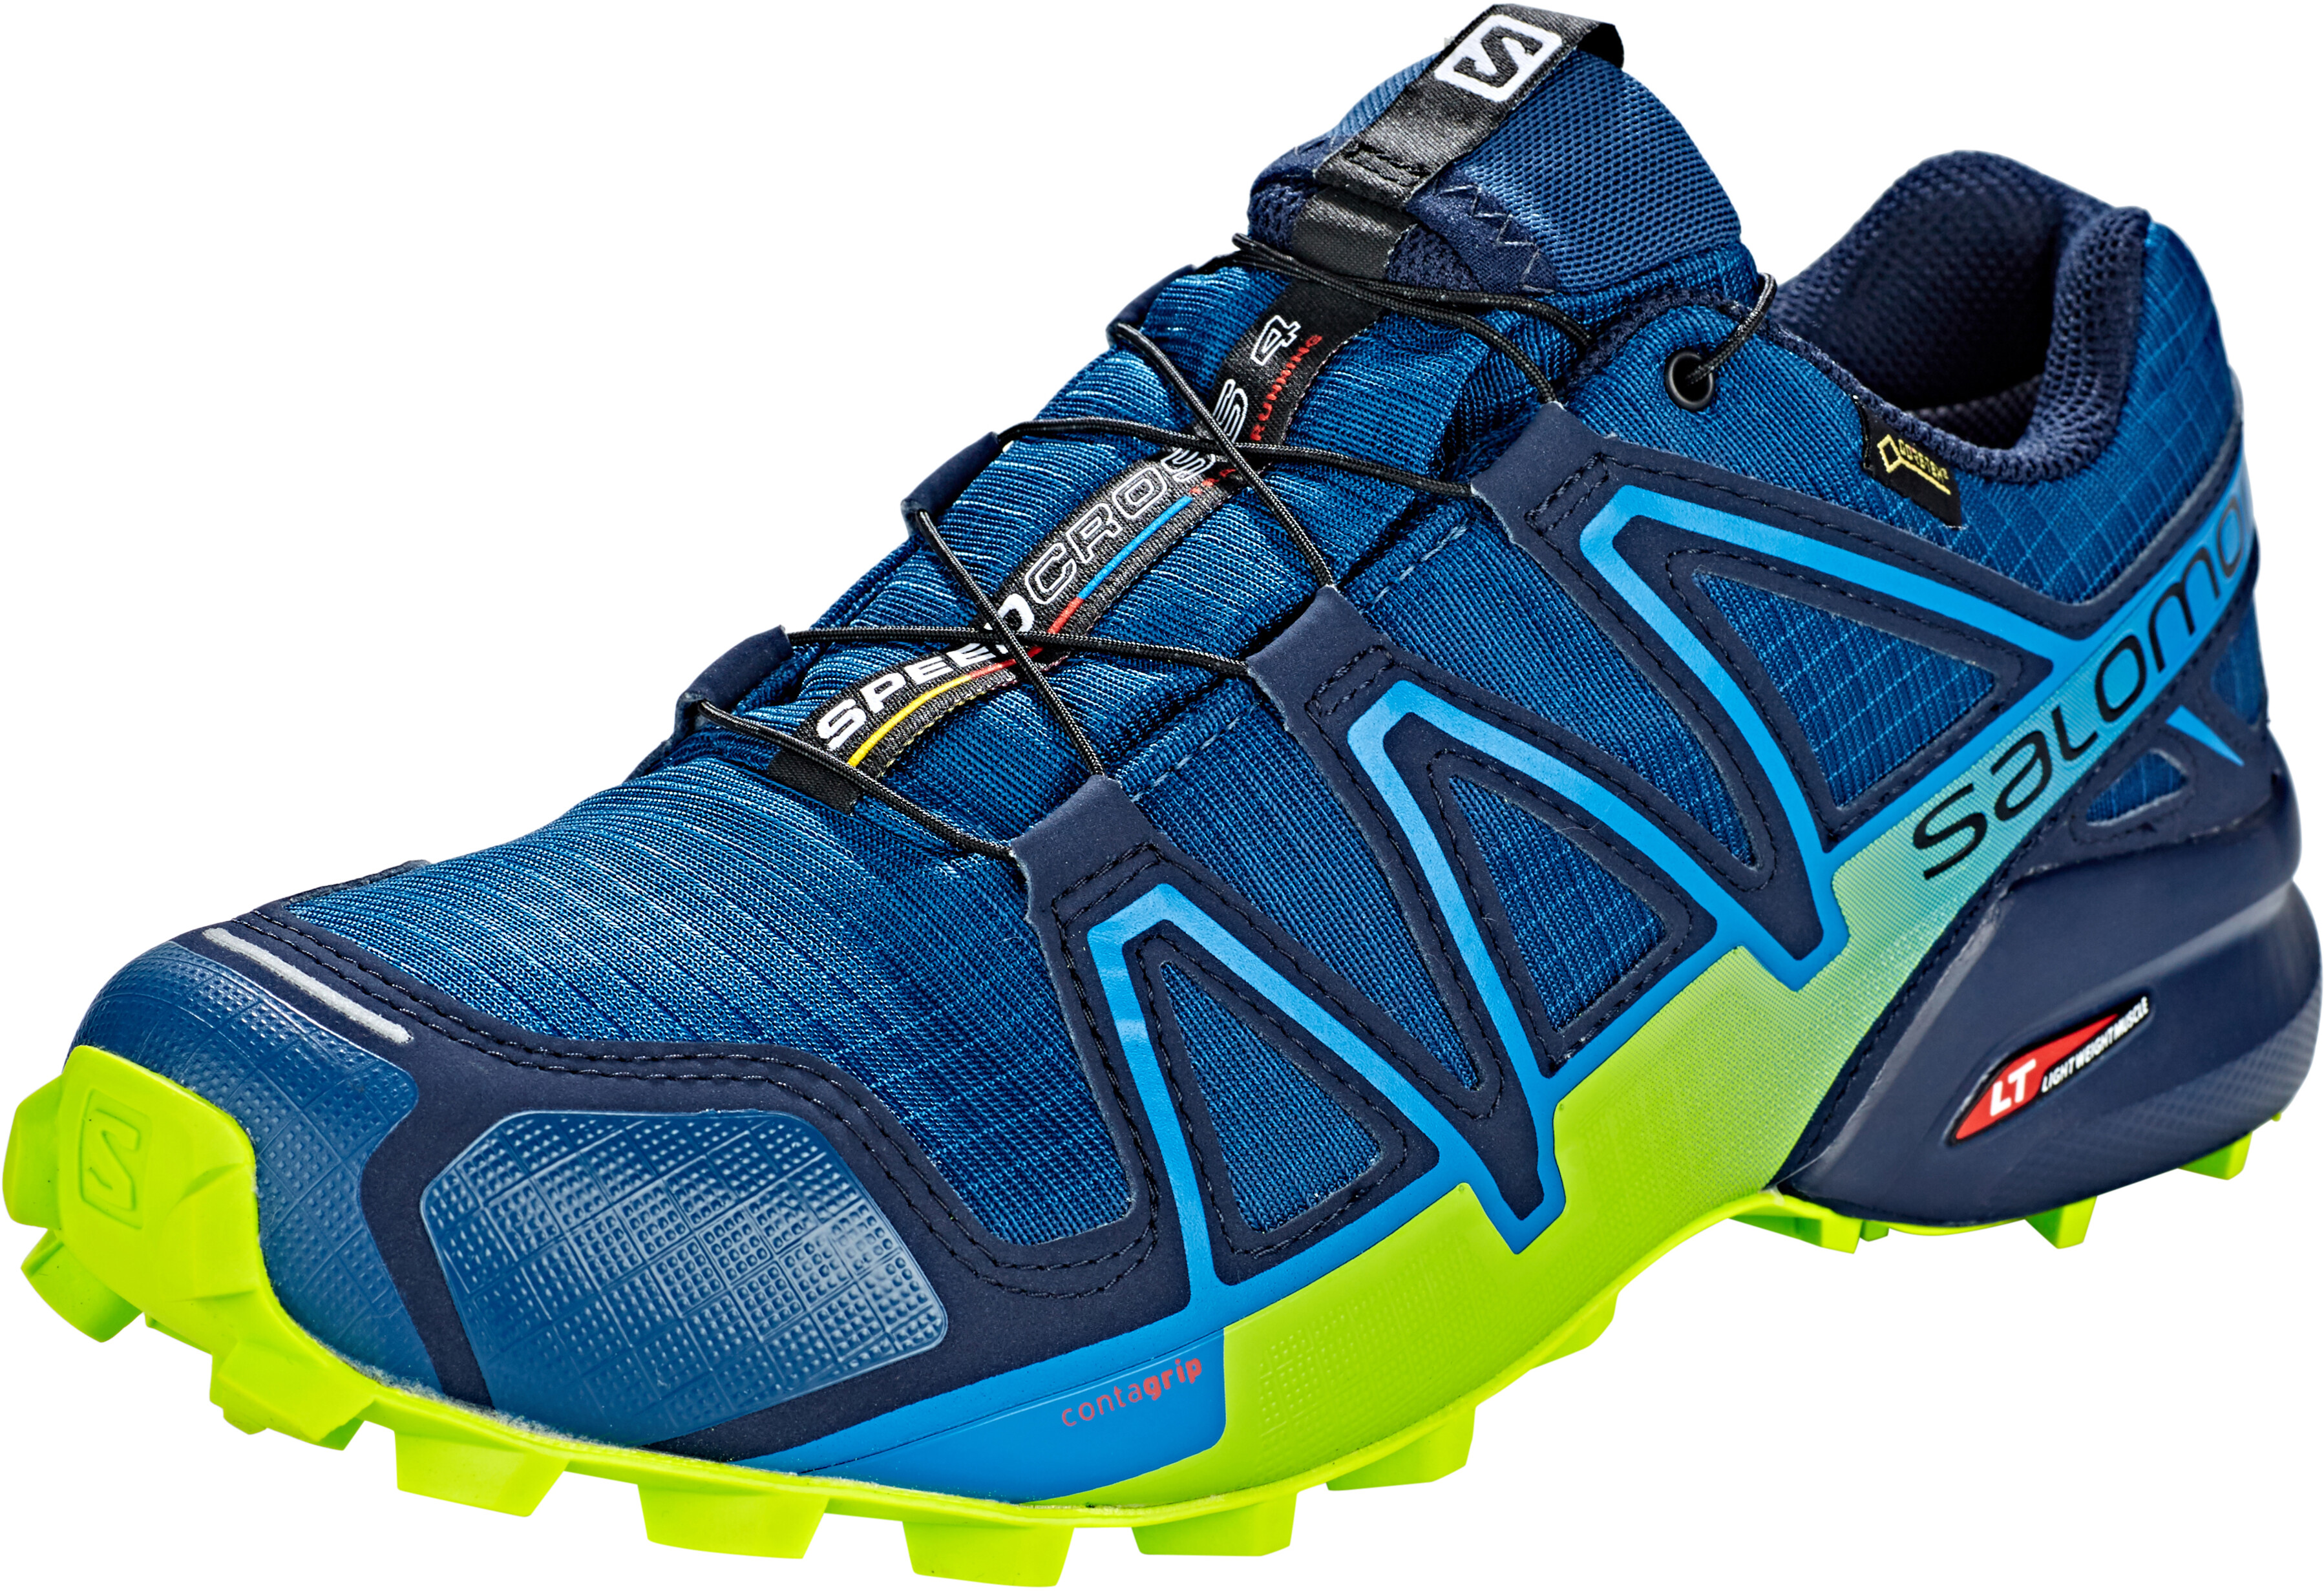 nouveau design économies fantastiques baskets Salomon Speedcross 4 GTX Chaussures Homme, poseidon/navy blazer/lime green